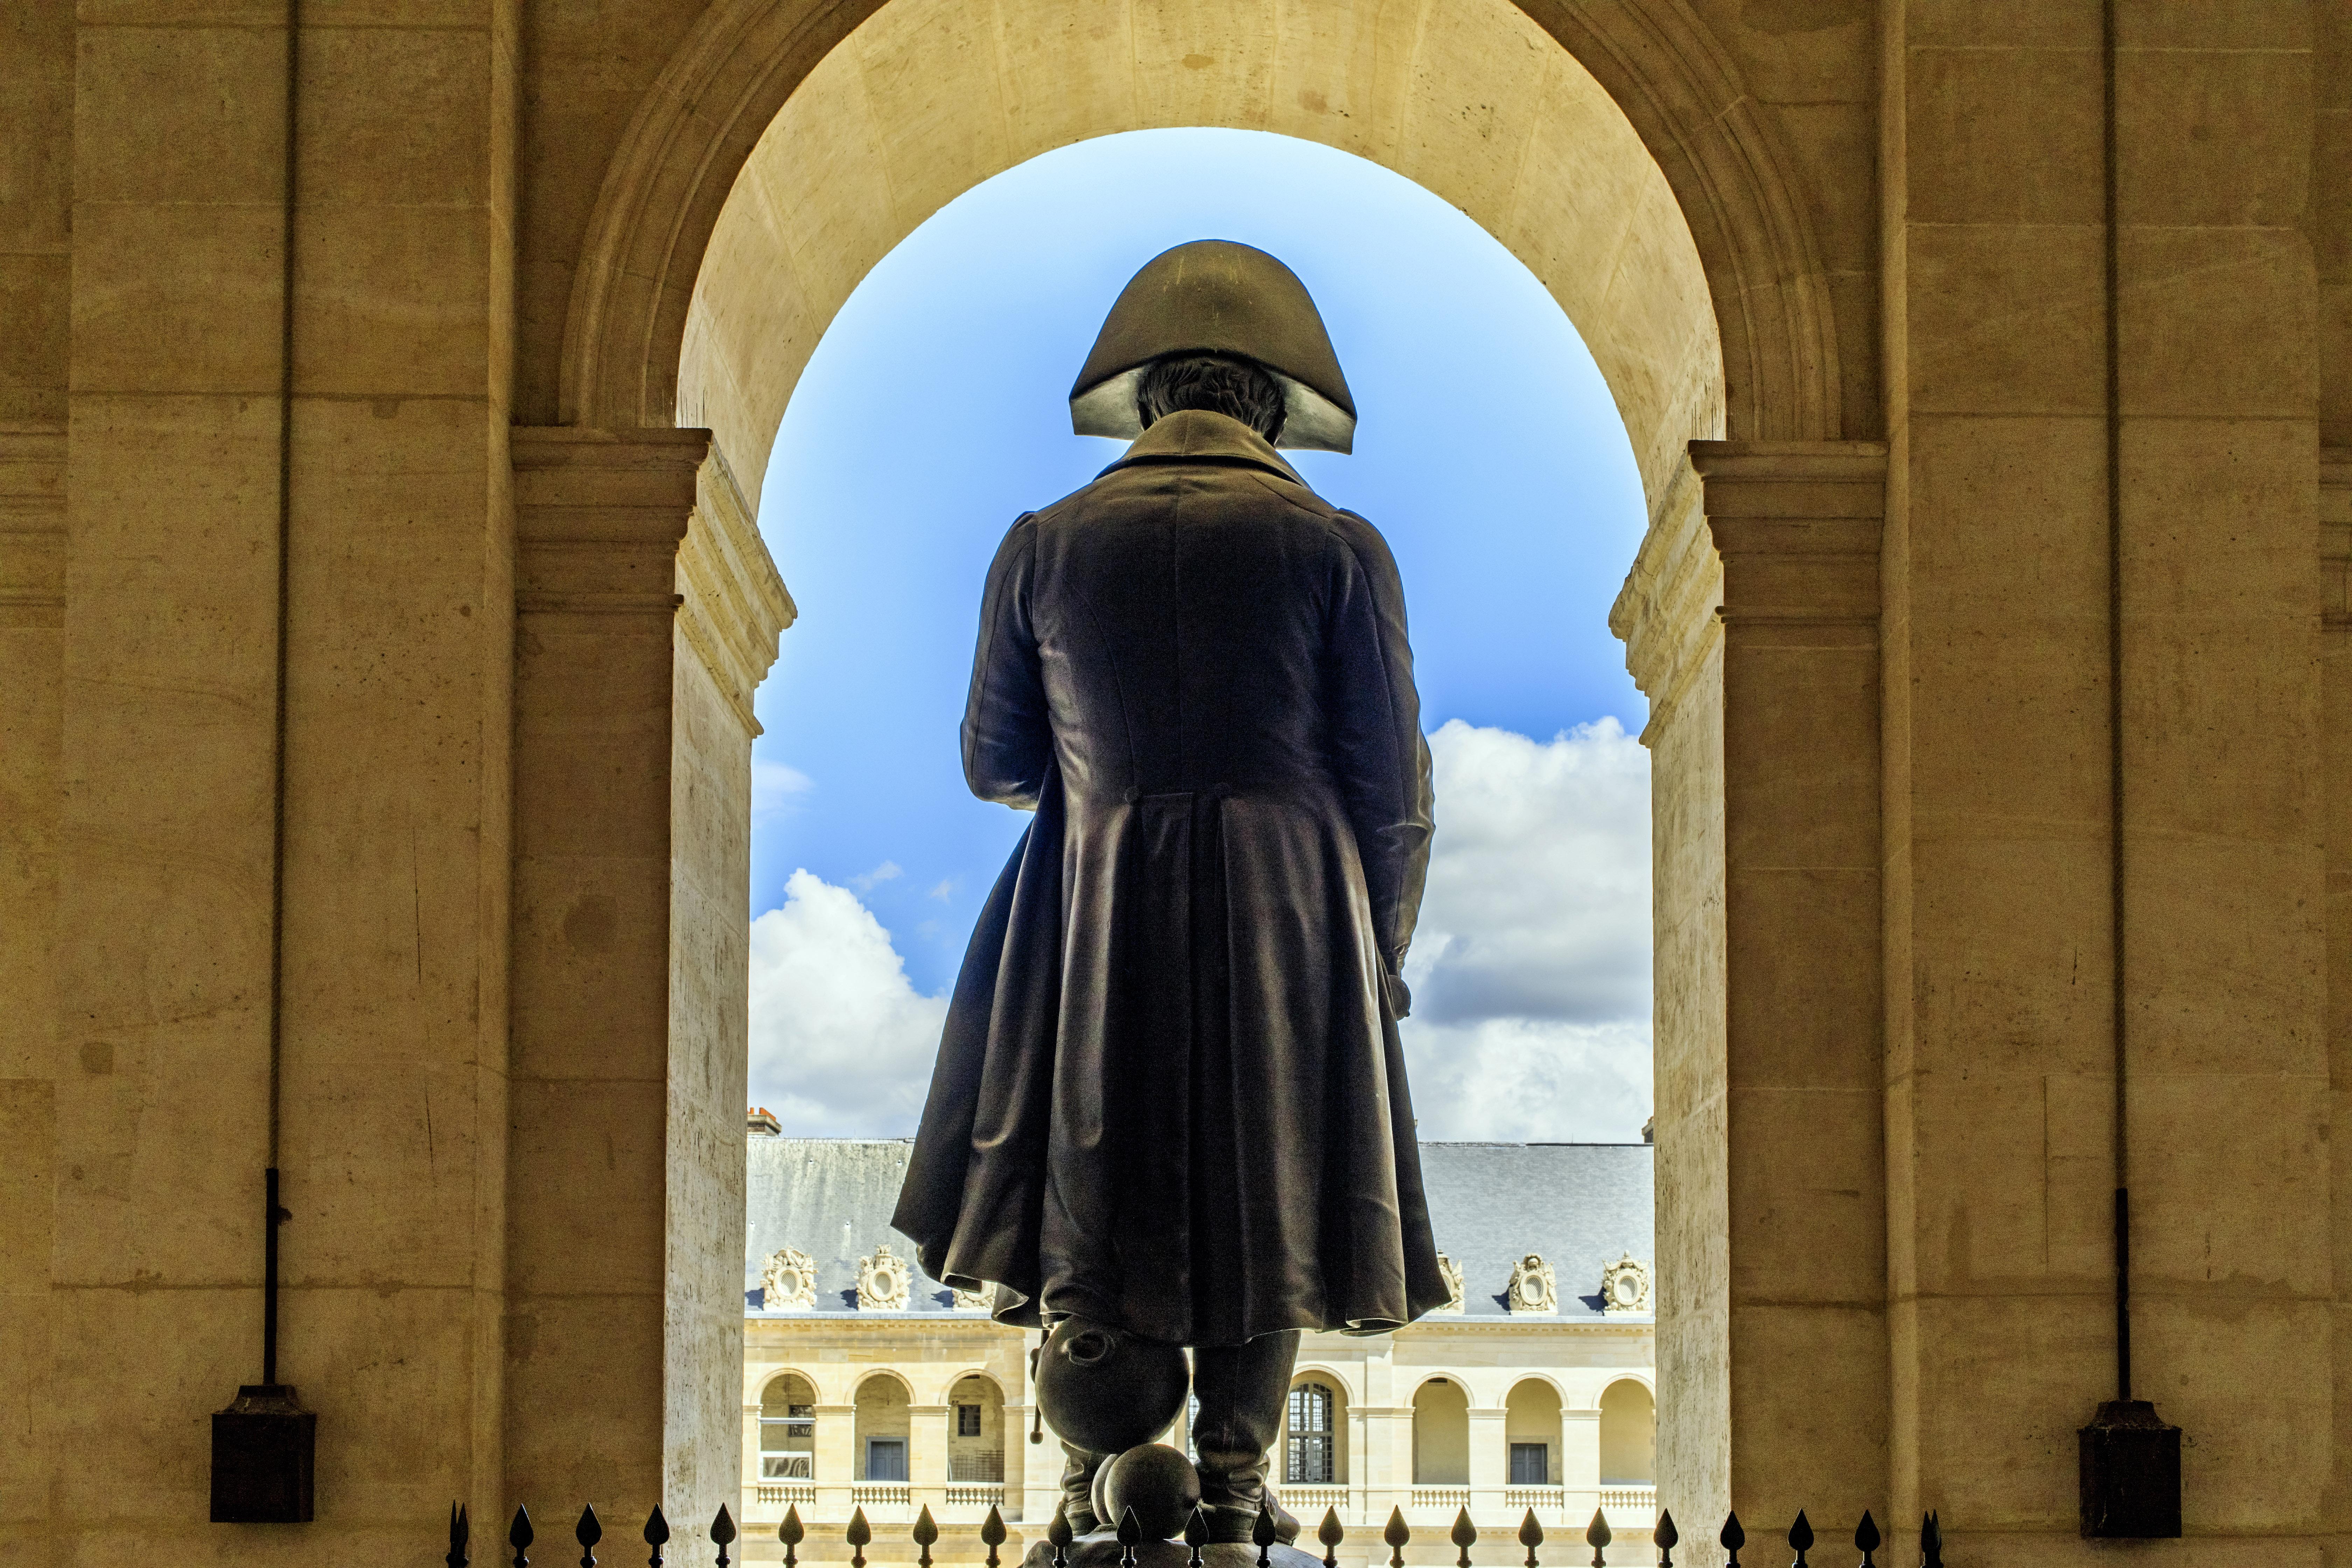 Musée de l'Armée Hôtel national des Invalides%252C statue de Napoléon%252C de dos. Paris 2017. Capelle Tourn %252F Ooshot %252F CRT Paris Ile-de-France